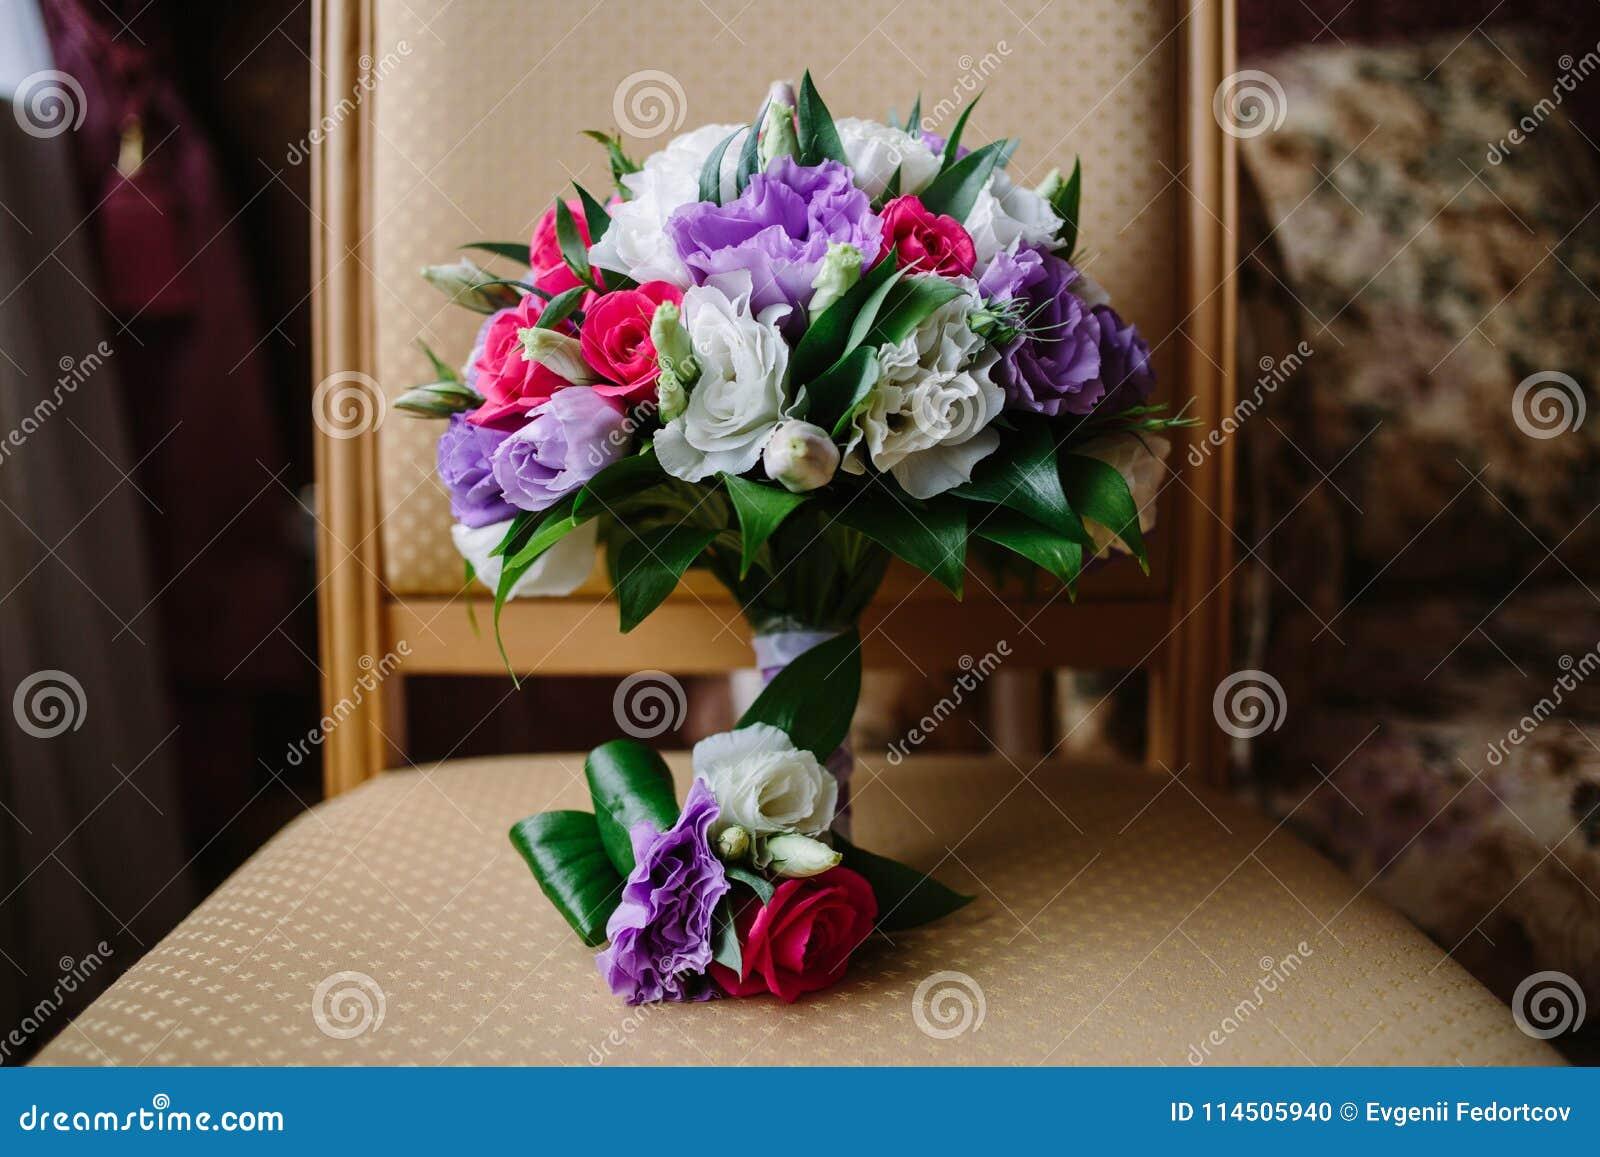 婚礼花束和钮扣眼上插的花